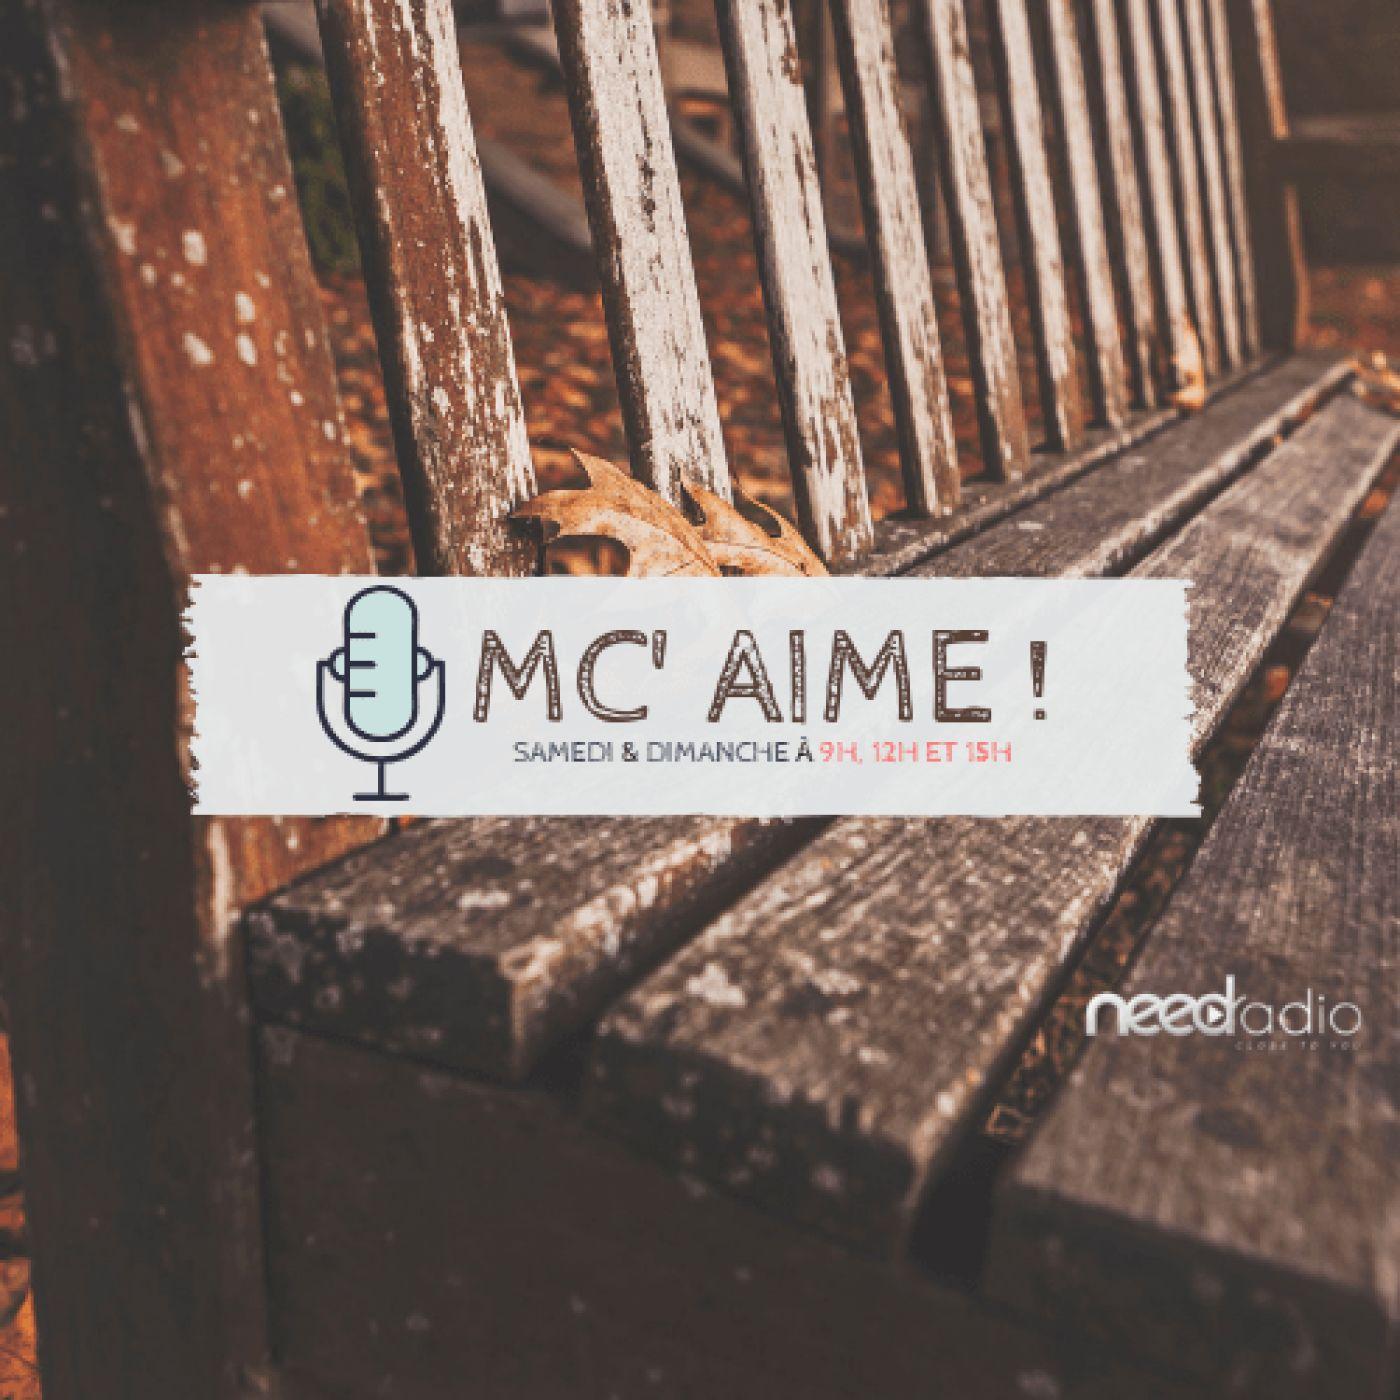 MC' Aime - Toujours le cinéma et vous souhaite de bonnes vacances avec 303 (30/06/19)